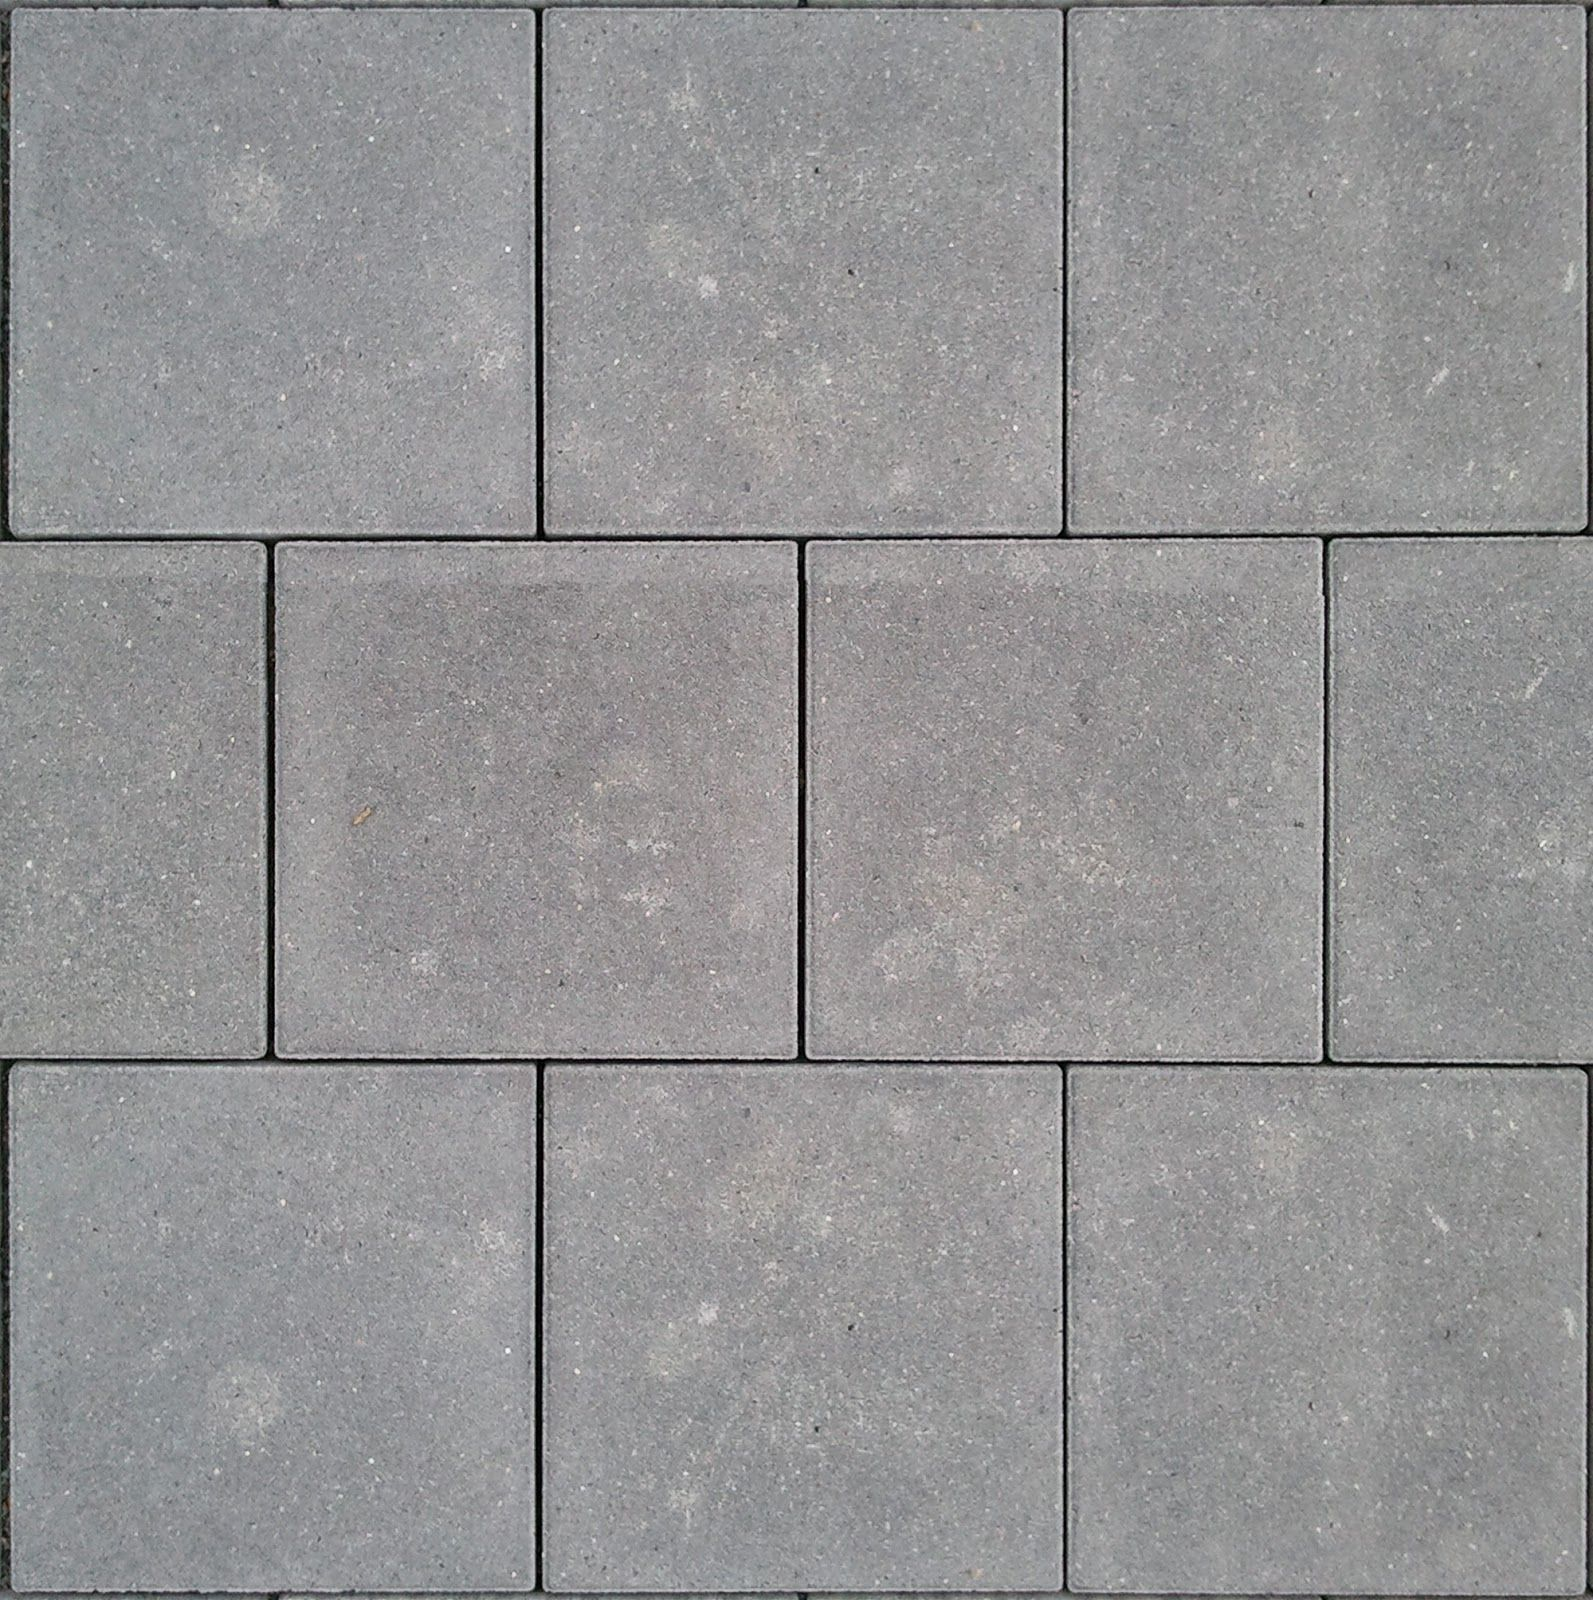 Public Domain Texturespublic Domainfree Textures Public Domain Images Texture Of Gray Seamless Concrete Pavement